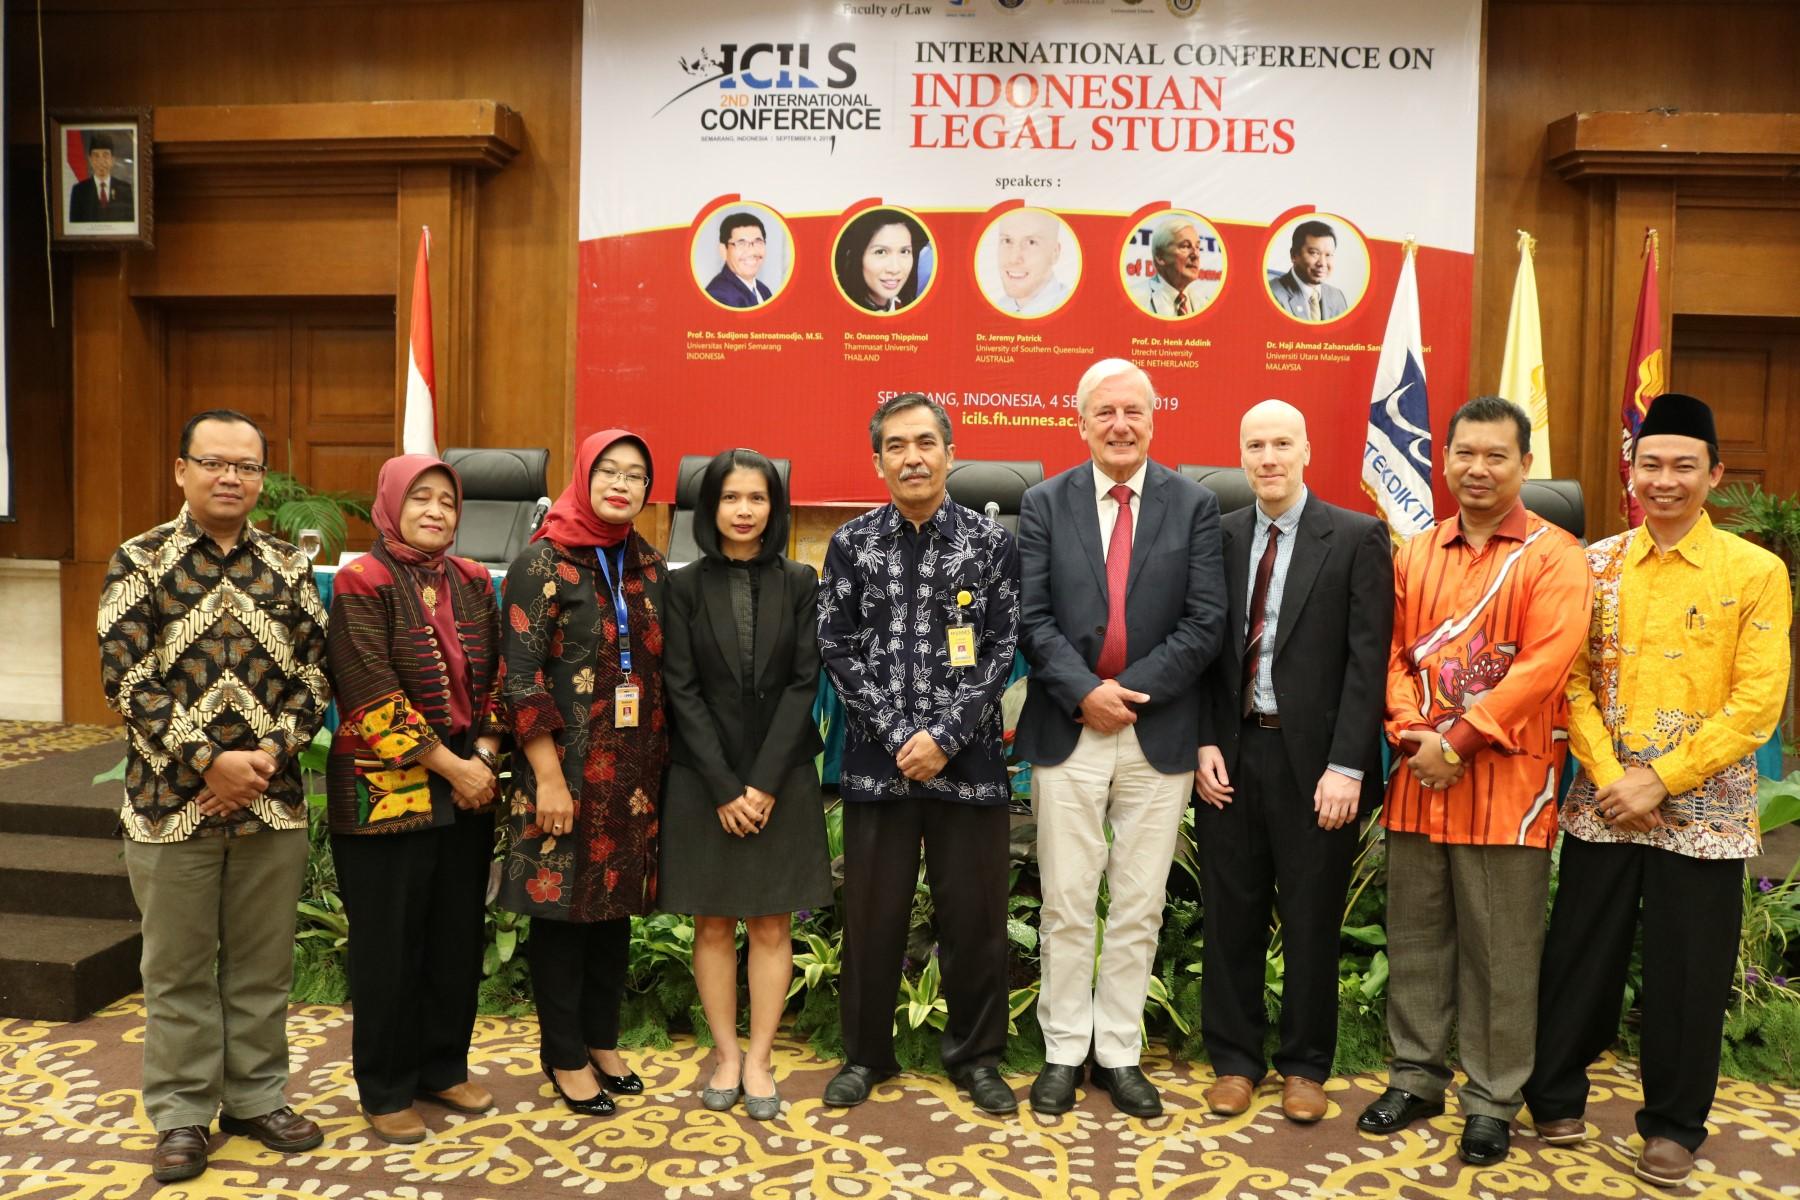 Percepat Internasionalisasi, FH UNNES selenggarakan ICILS